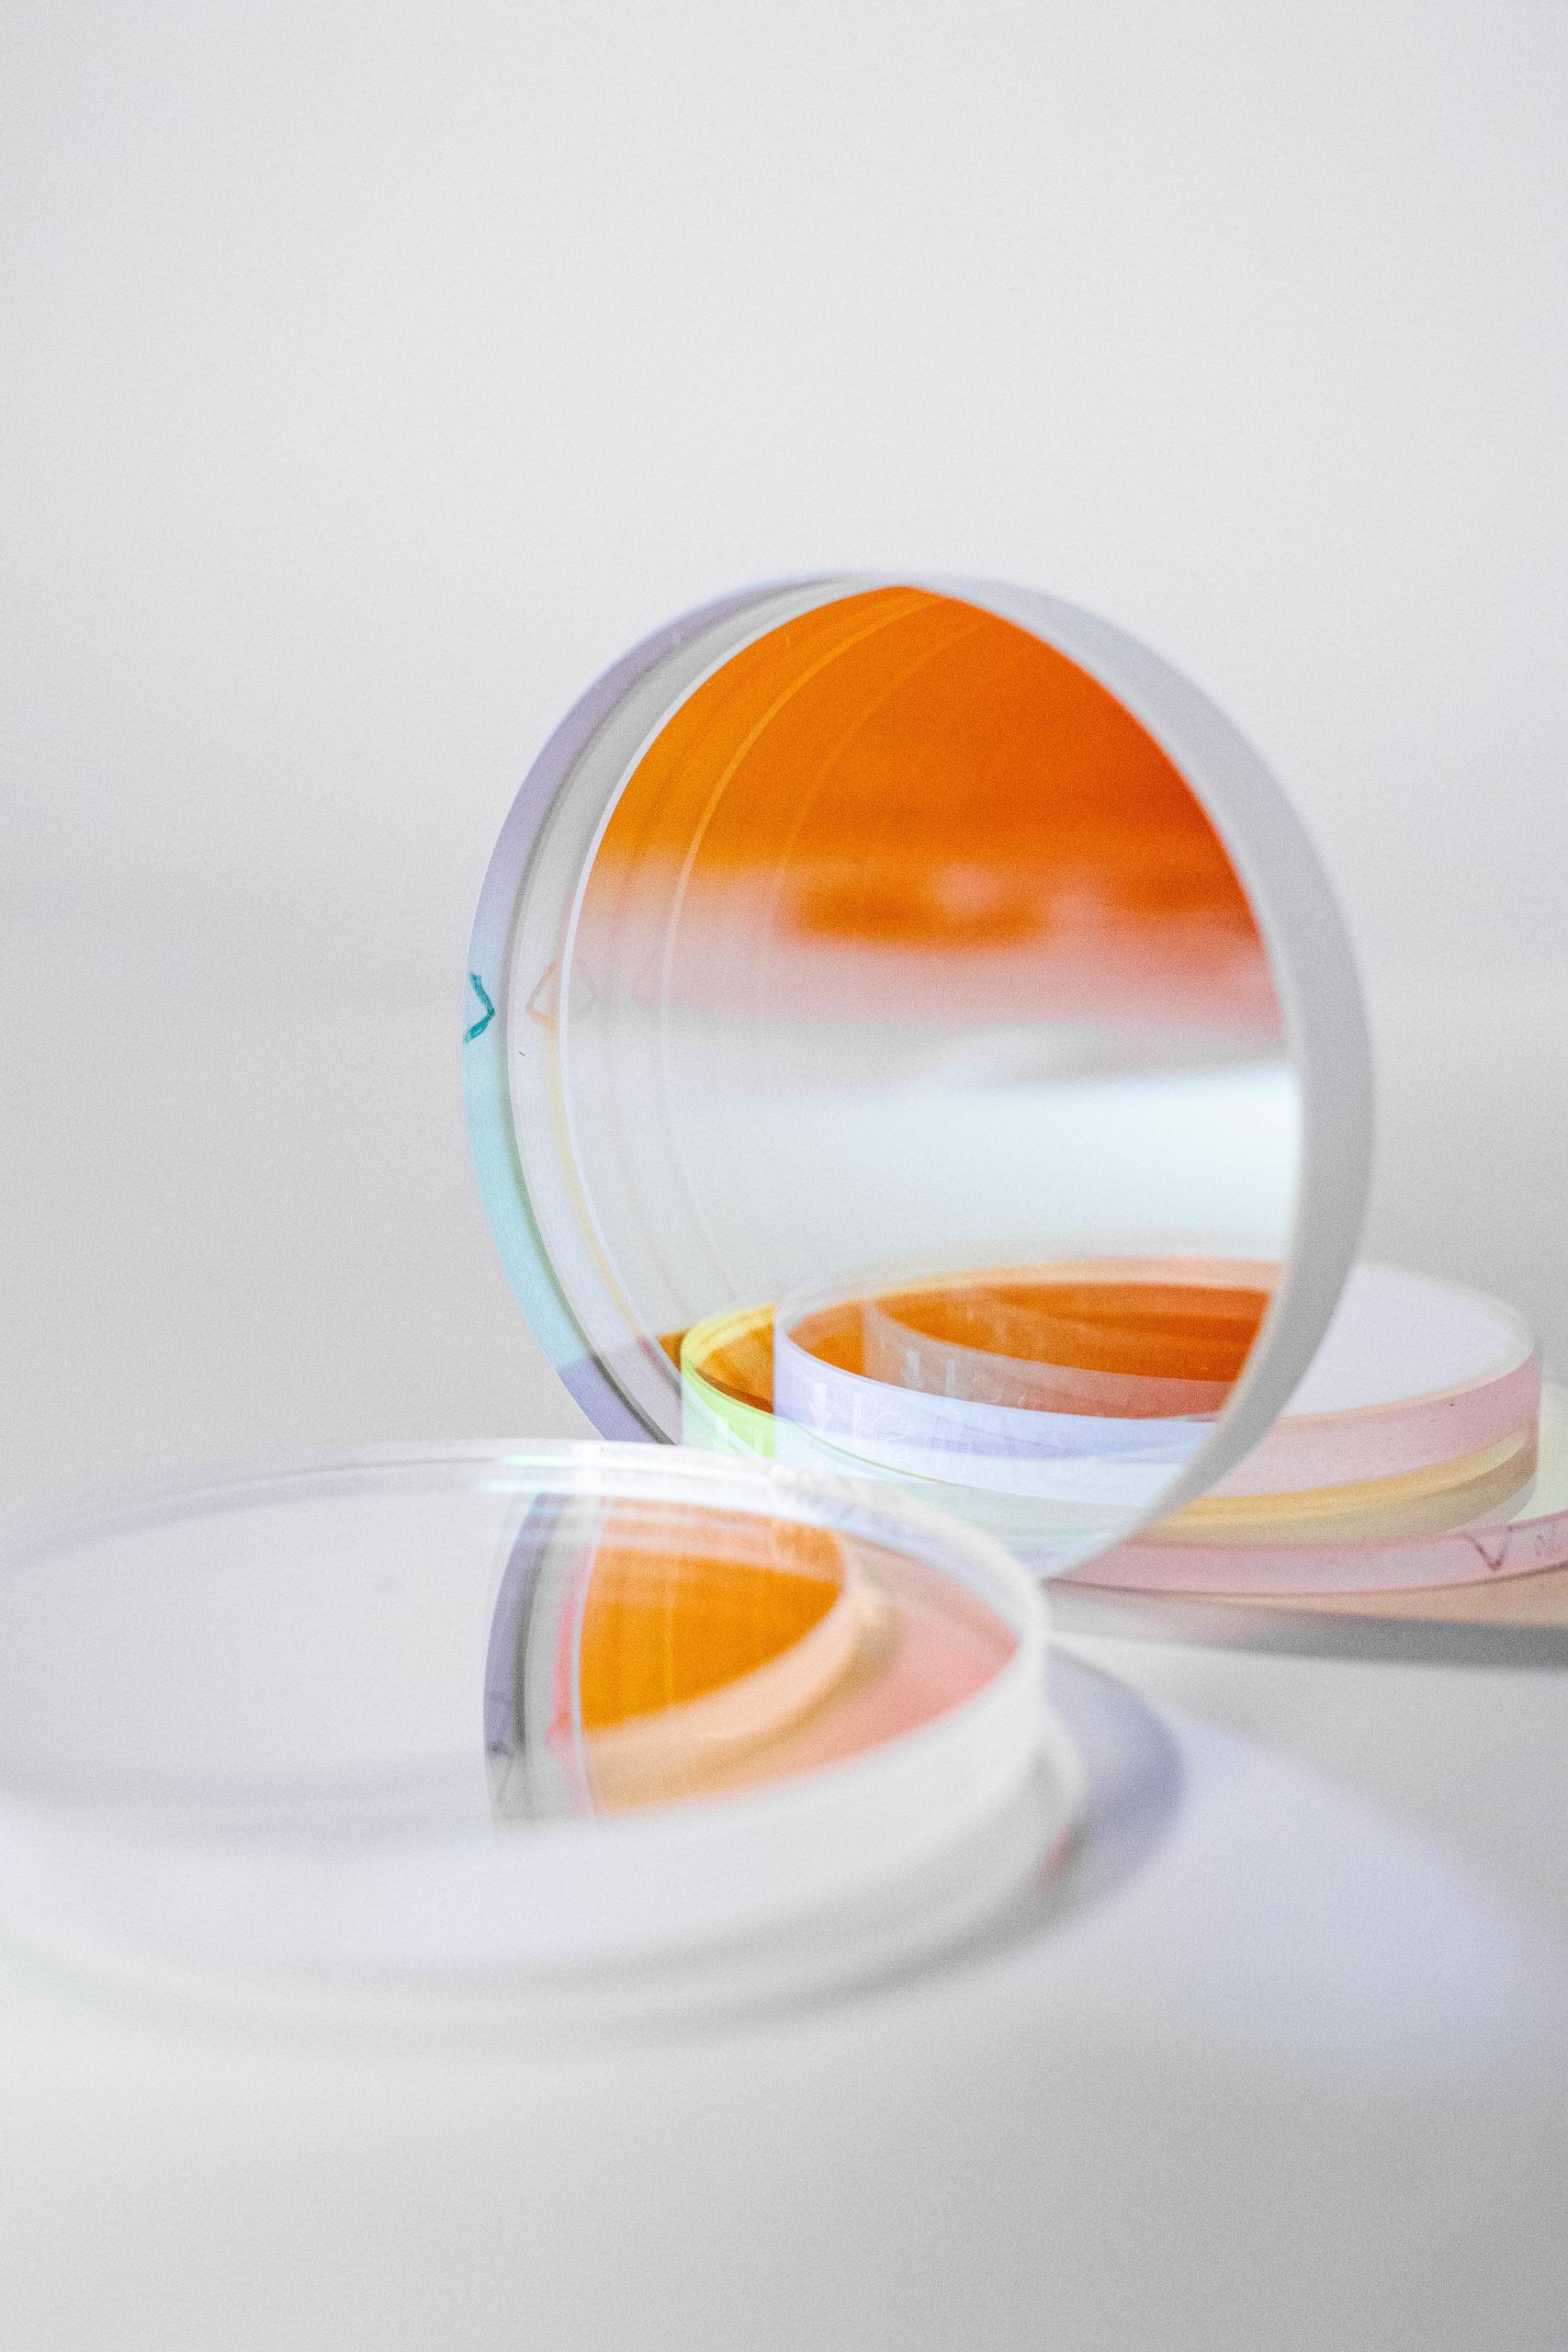 Optical filter manufacturers and superior optics